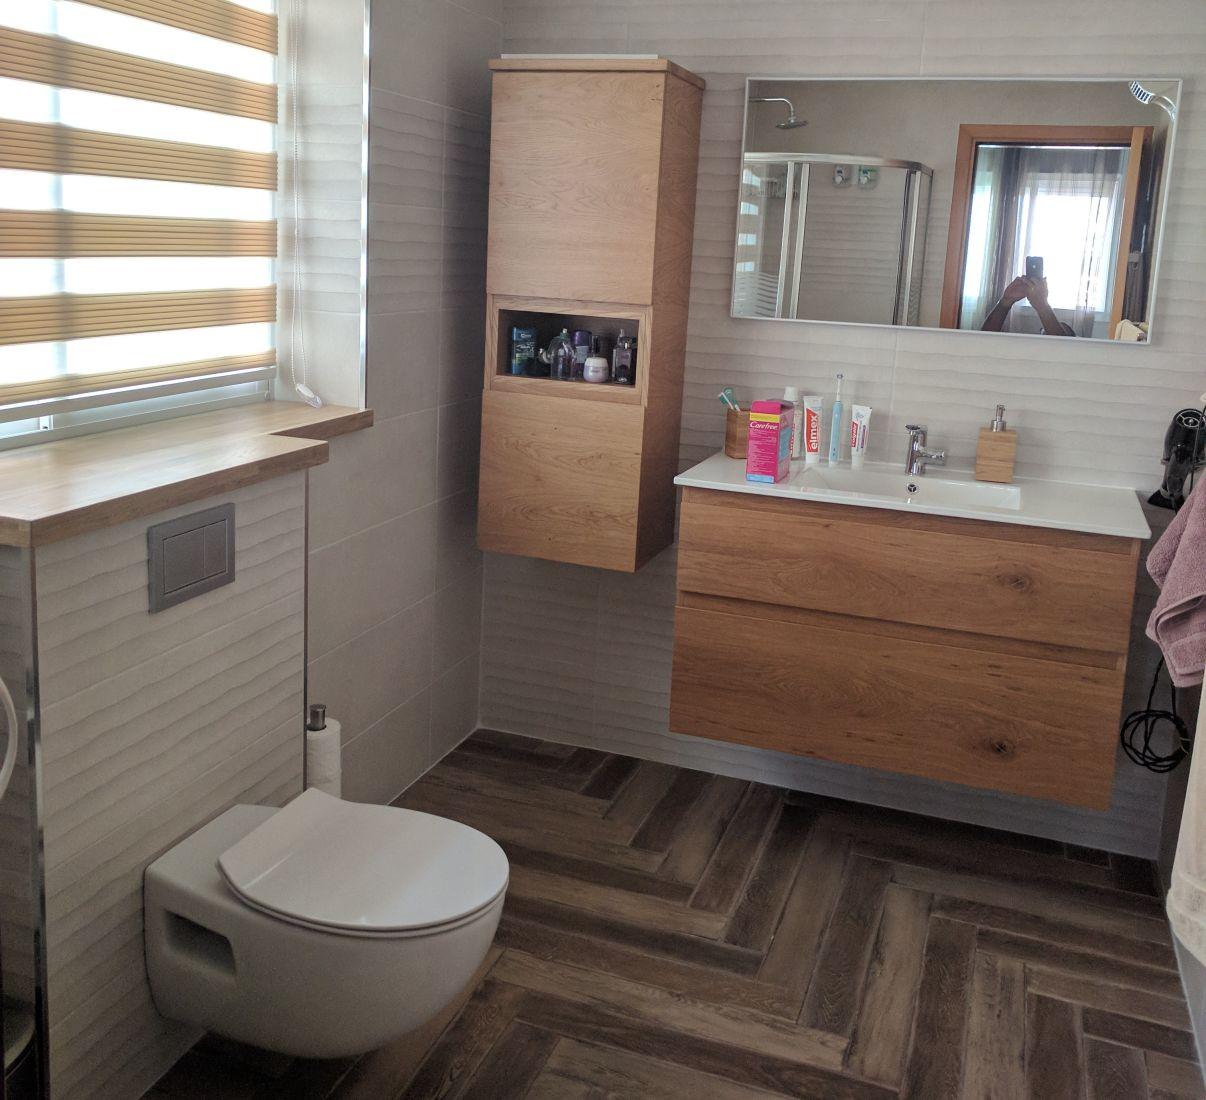 כולם חדשים שיפוץ אמבטיה - מחיר | הצעות מחיר אמיתיות לשיפוץ אמבטיה – במידרג KG-44